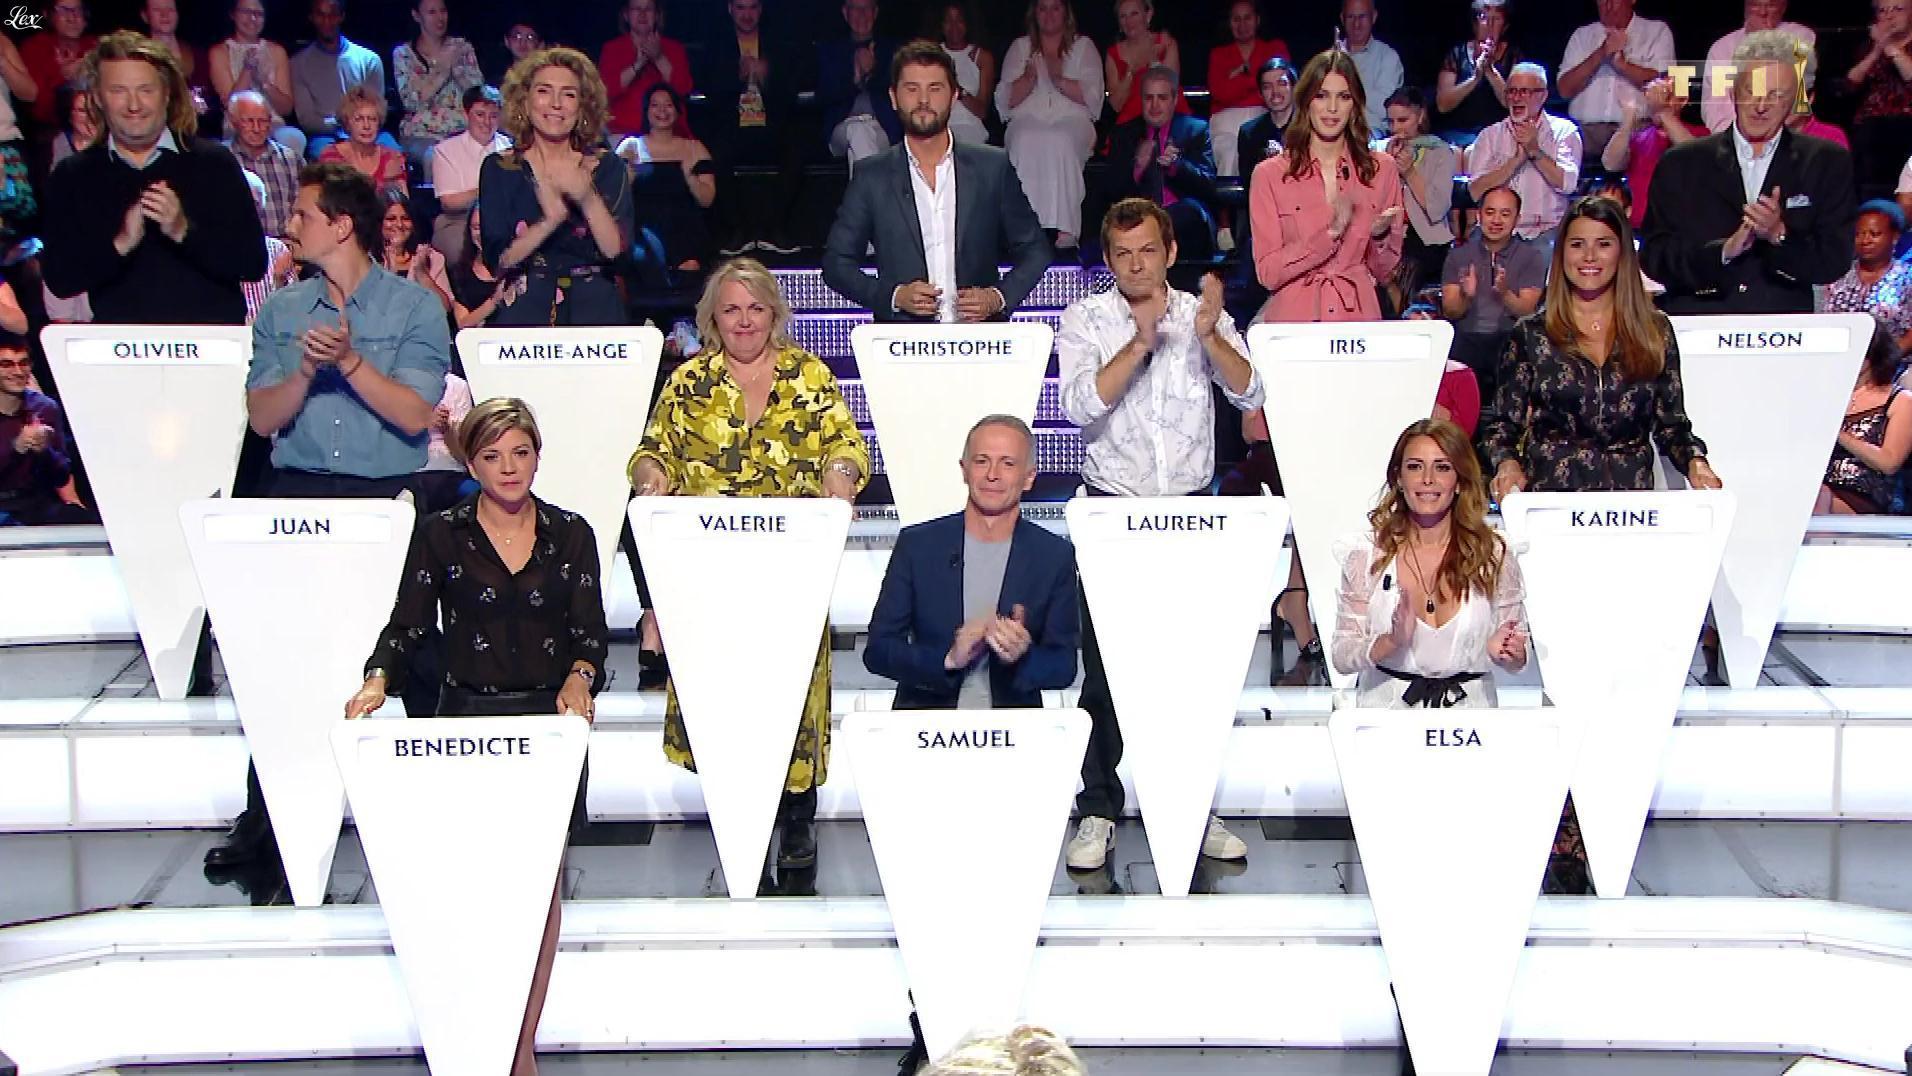 Bénédicte Le Chatelier dans le Grand Concours. Diffusé à la télévision le 22/06/19.